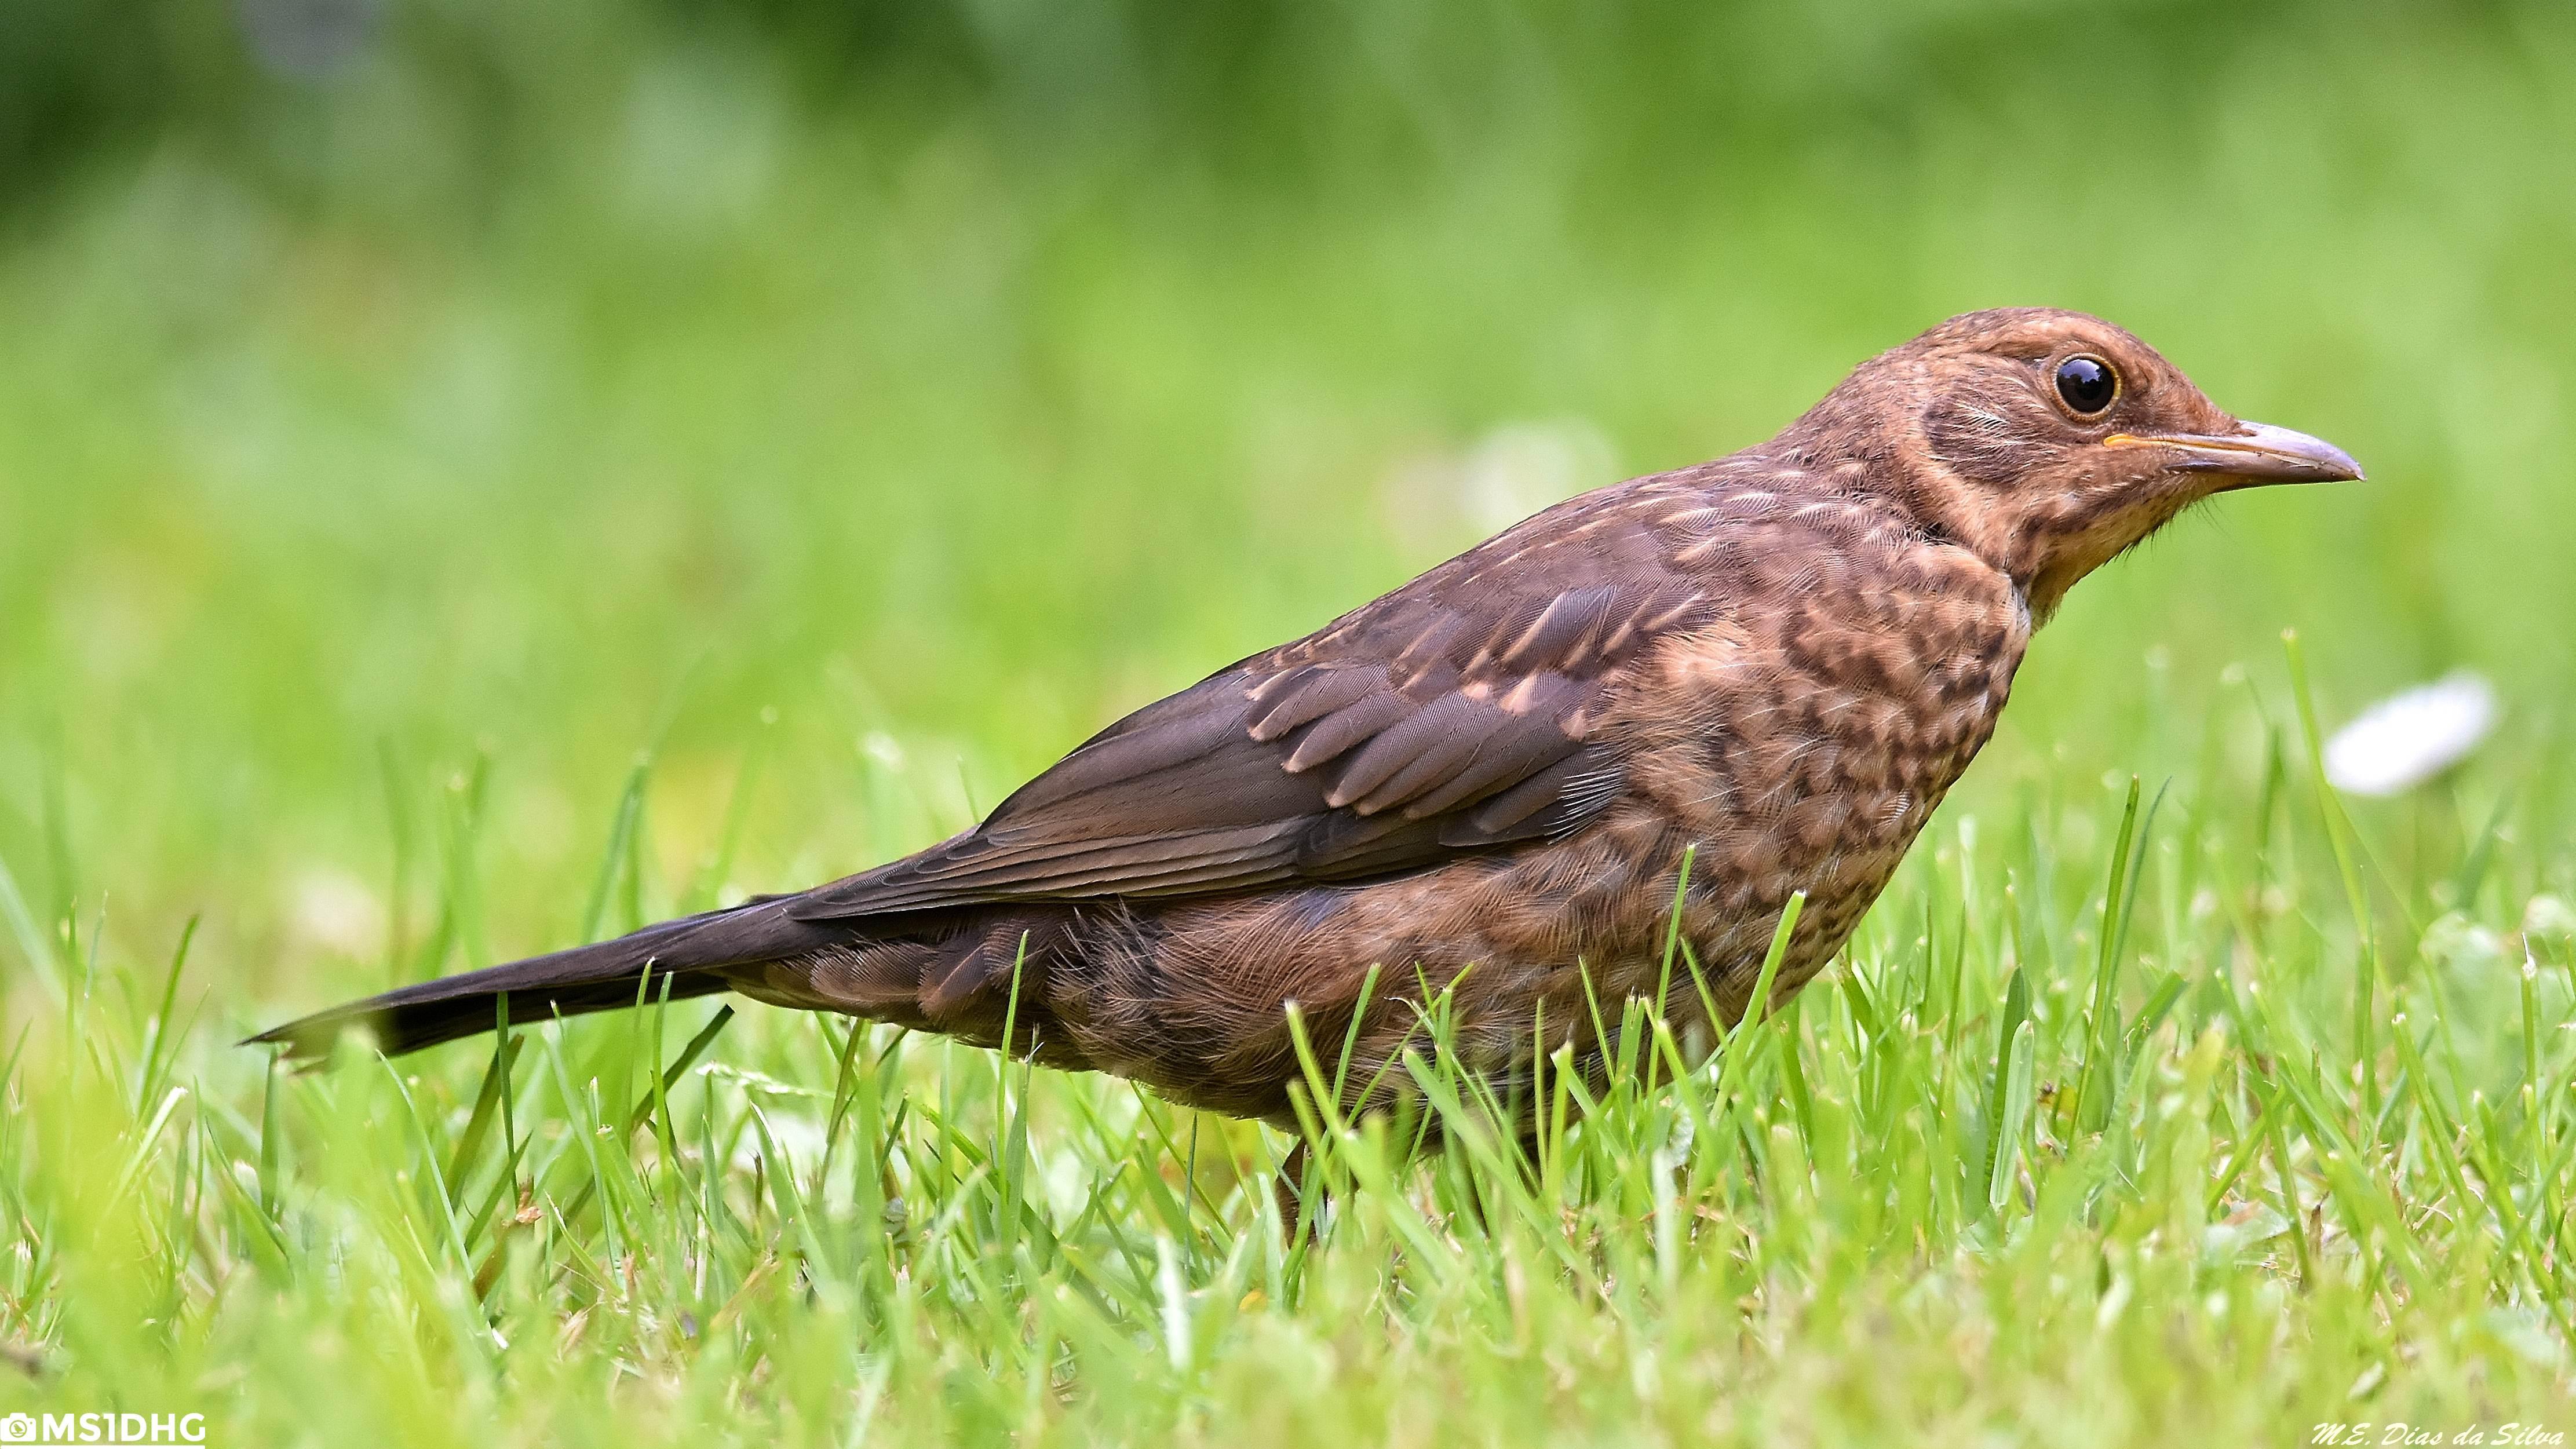 Fórum Aves - Birdwatching em Portugal - Portal Melro-preto%20(18)